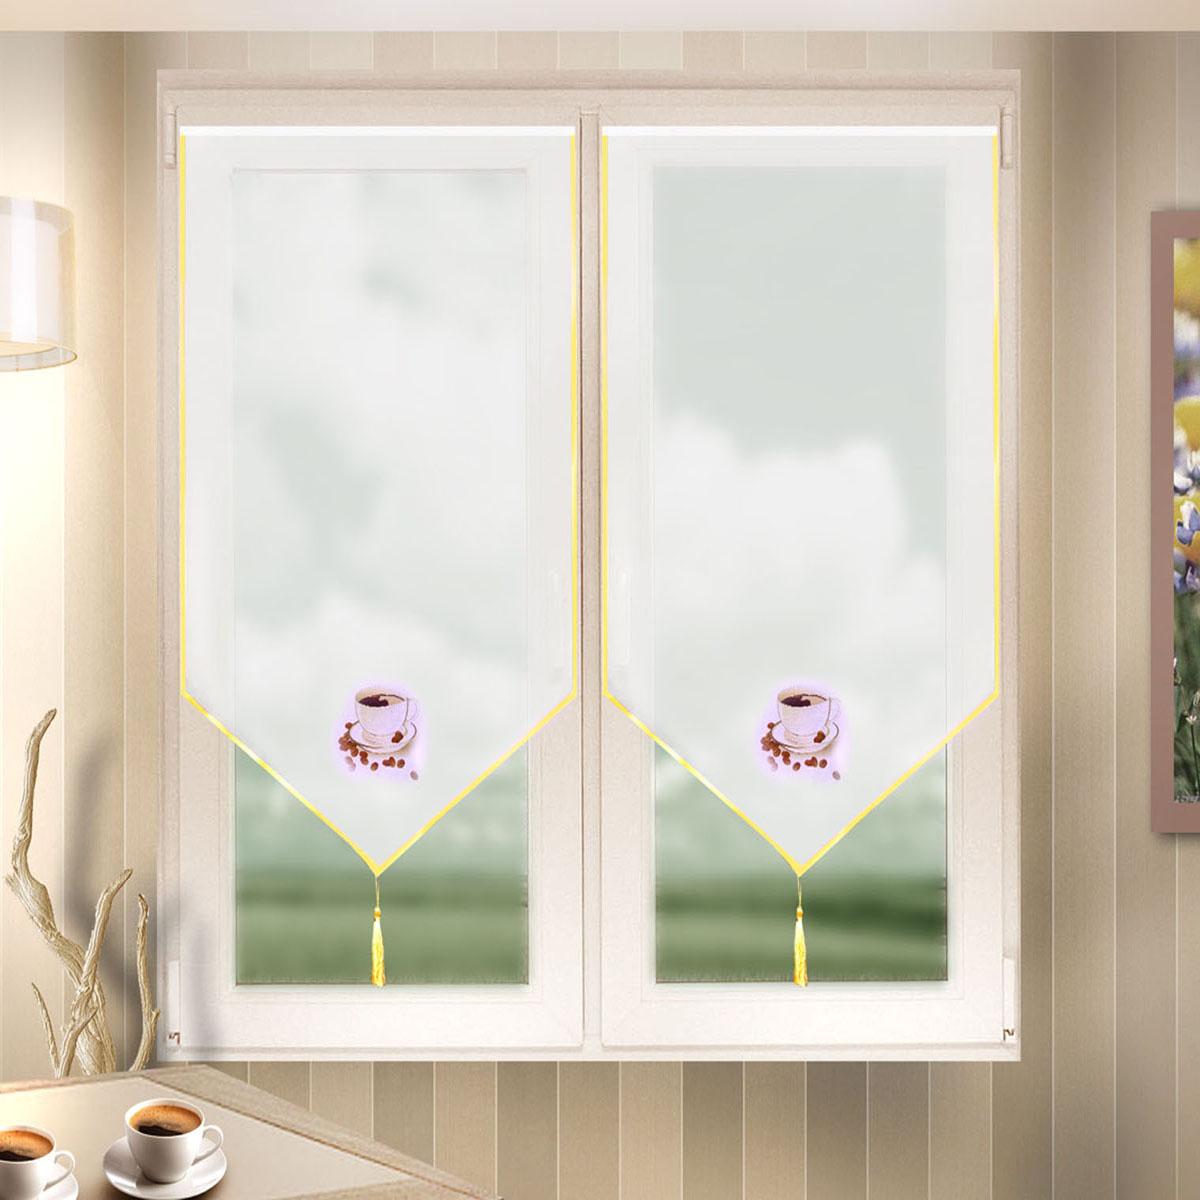 Гардина Zlata Korunka, цвет: белый, ширина 60 см, высота 140 см. 666023K100Лучшая альтернатива рулонным шторам на кухне – шторы на липкой ленте. Особенность этих штор заключается в том, что они имеют липкую основу в месте крепления . Лента или основа надежно и быстро крепится на раму окна, а на нее фиксируется сама штора.Размеры: ширина 60* высота 140